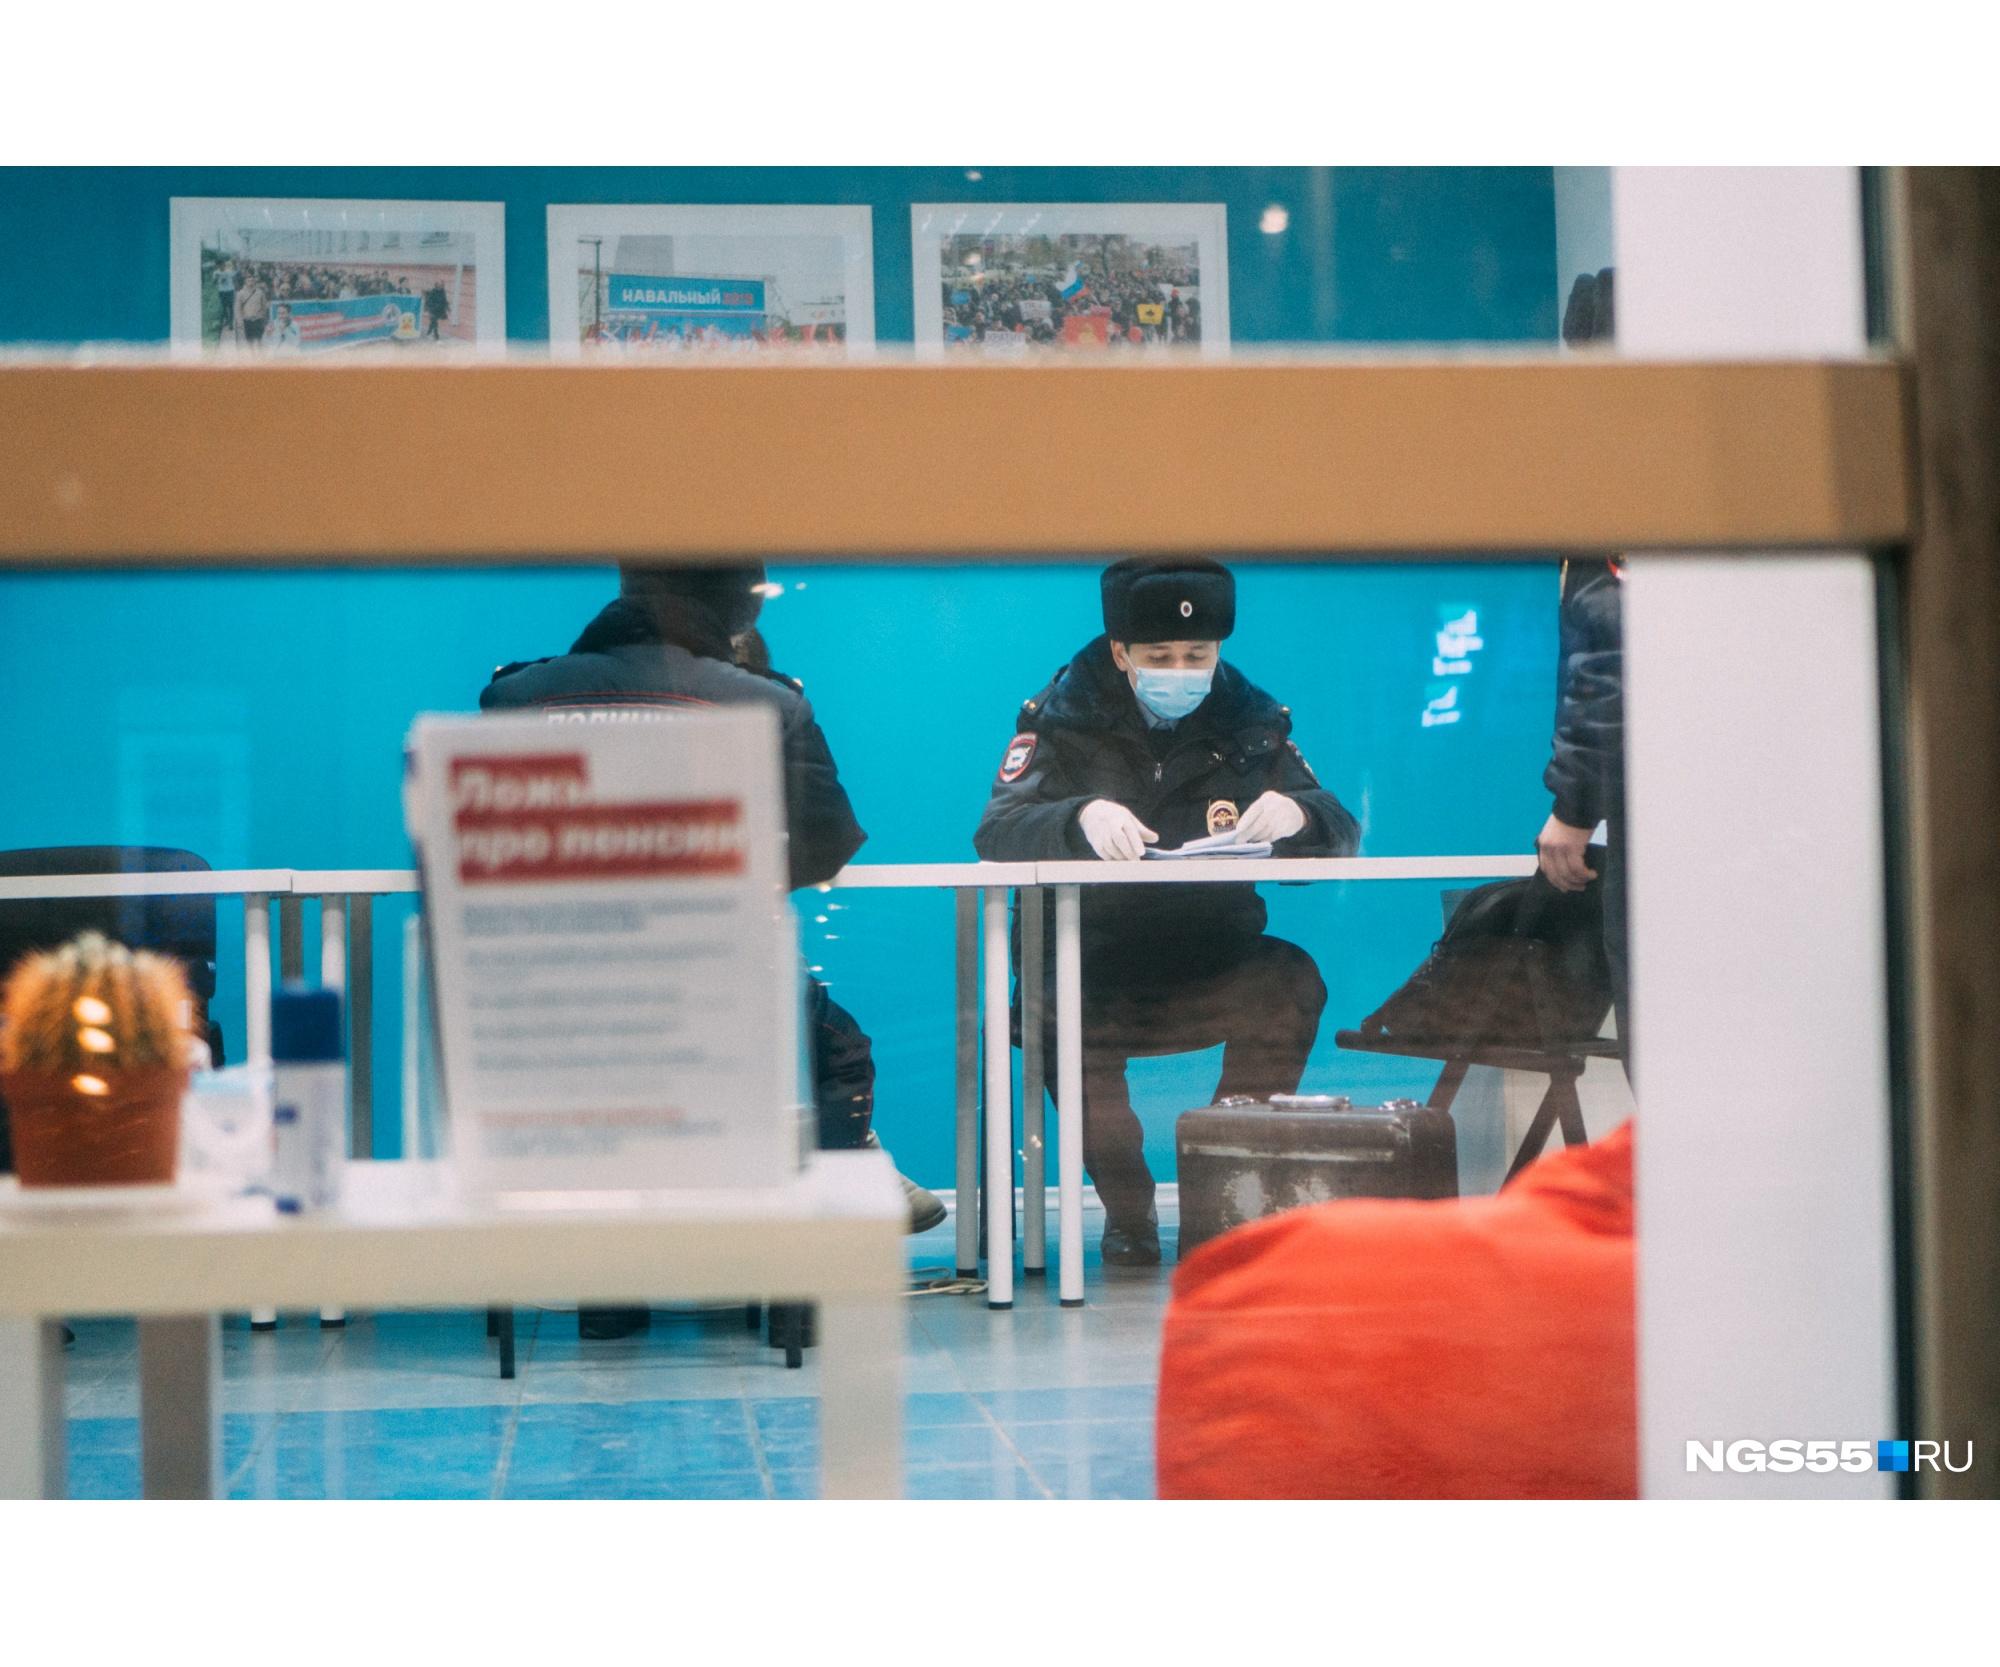 В УМВД России по Омской области от комментариев о причинах визита полиции отказались